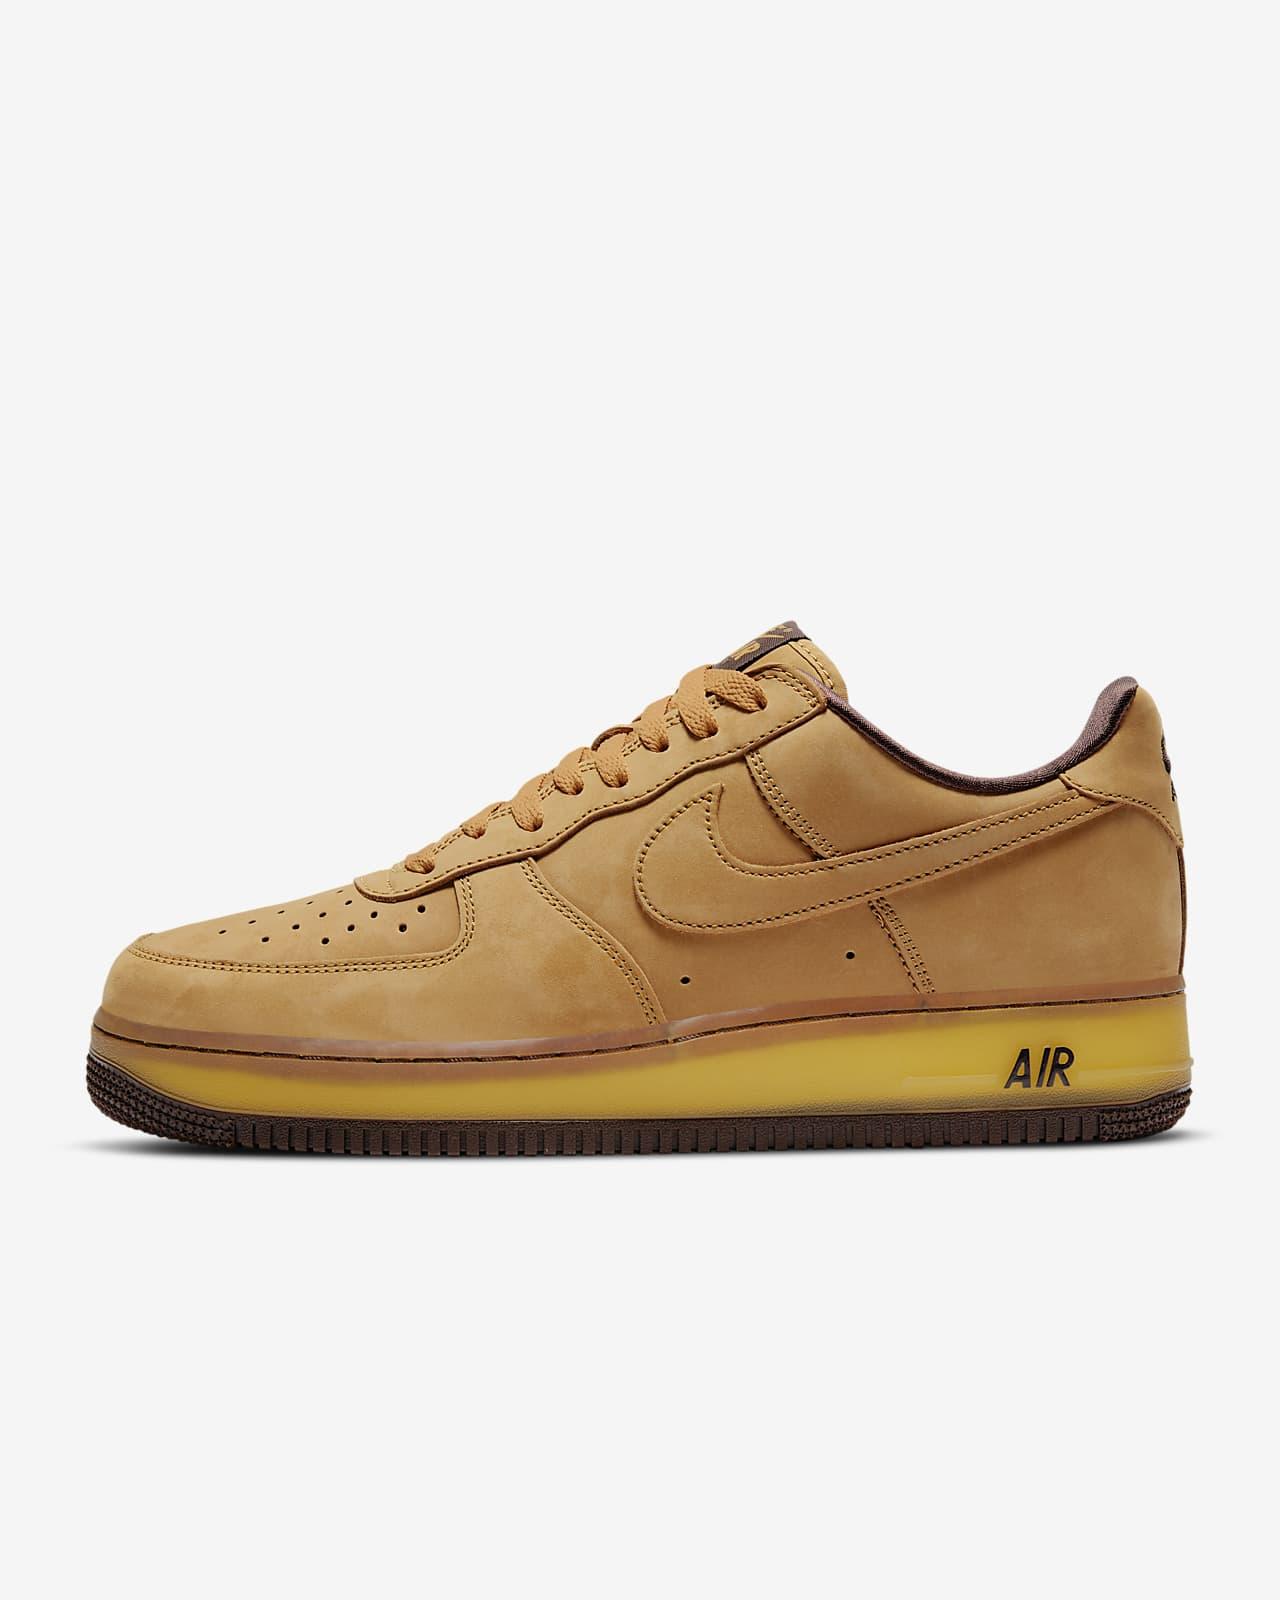 Nike Air Force 1 Low Retro SP Men's